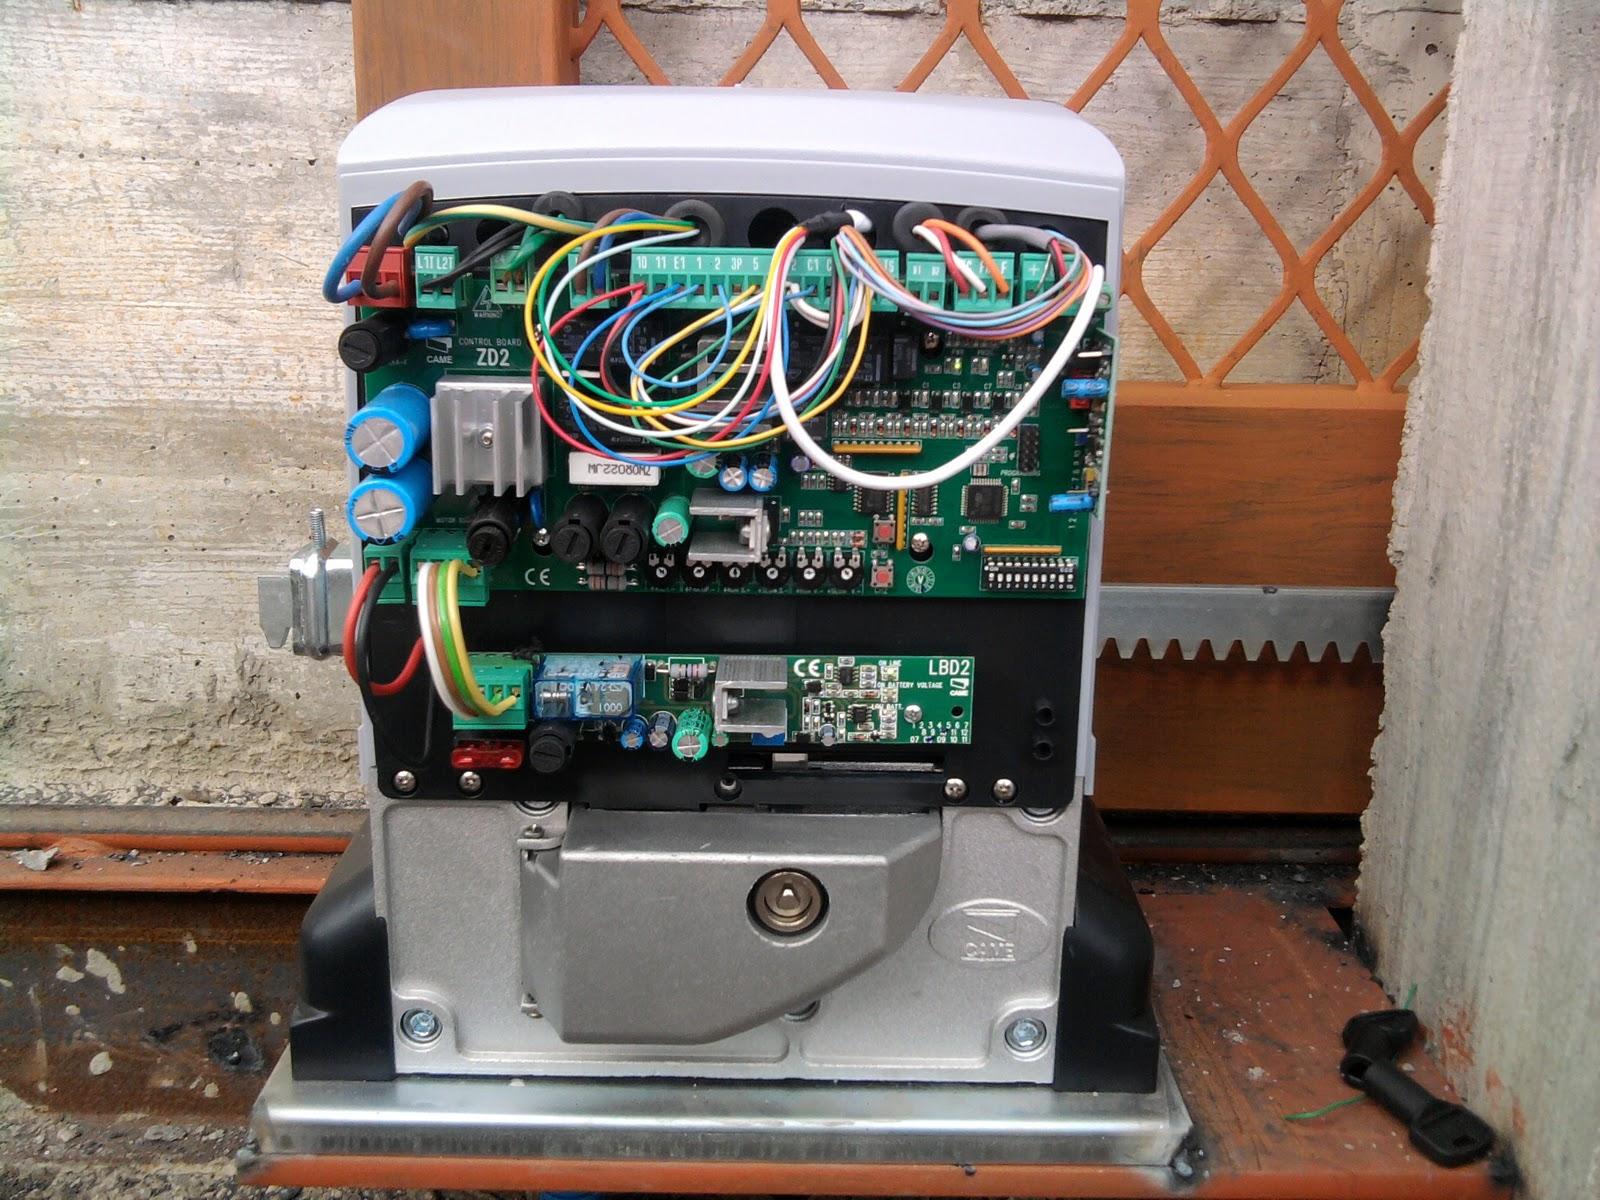 Came Za2 Schema Elettrico : Teknoimpianti impianti elettrici ed elettronici corretta